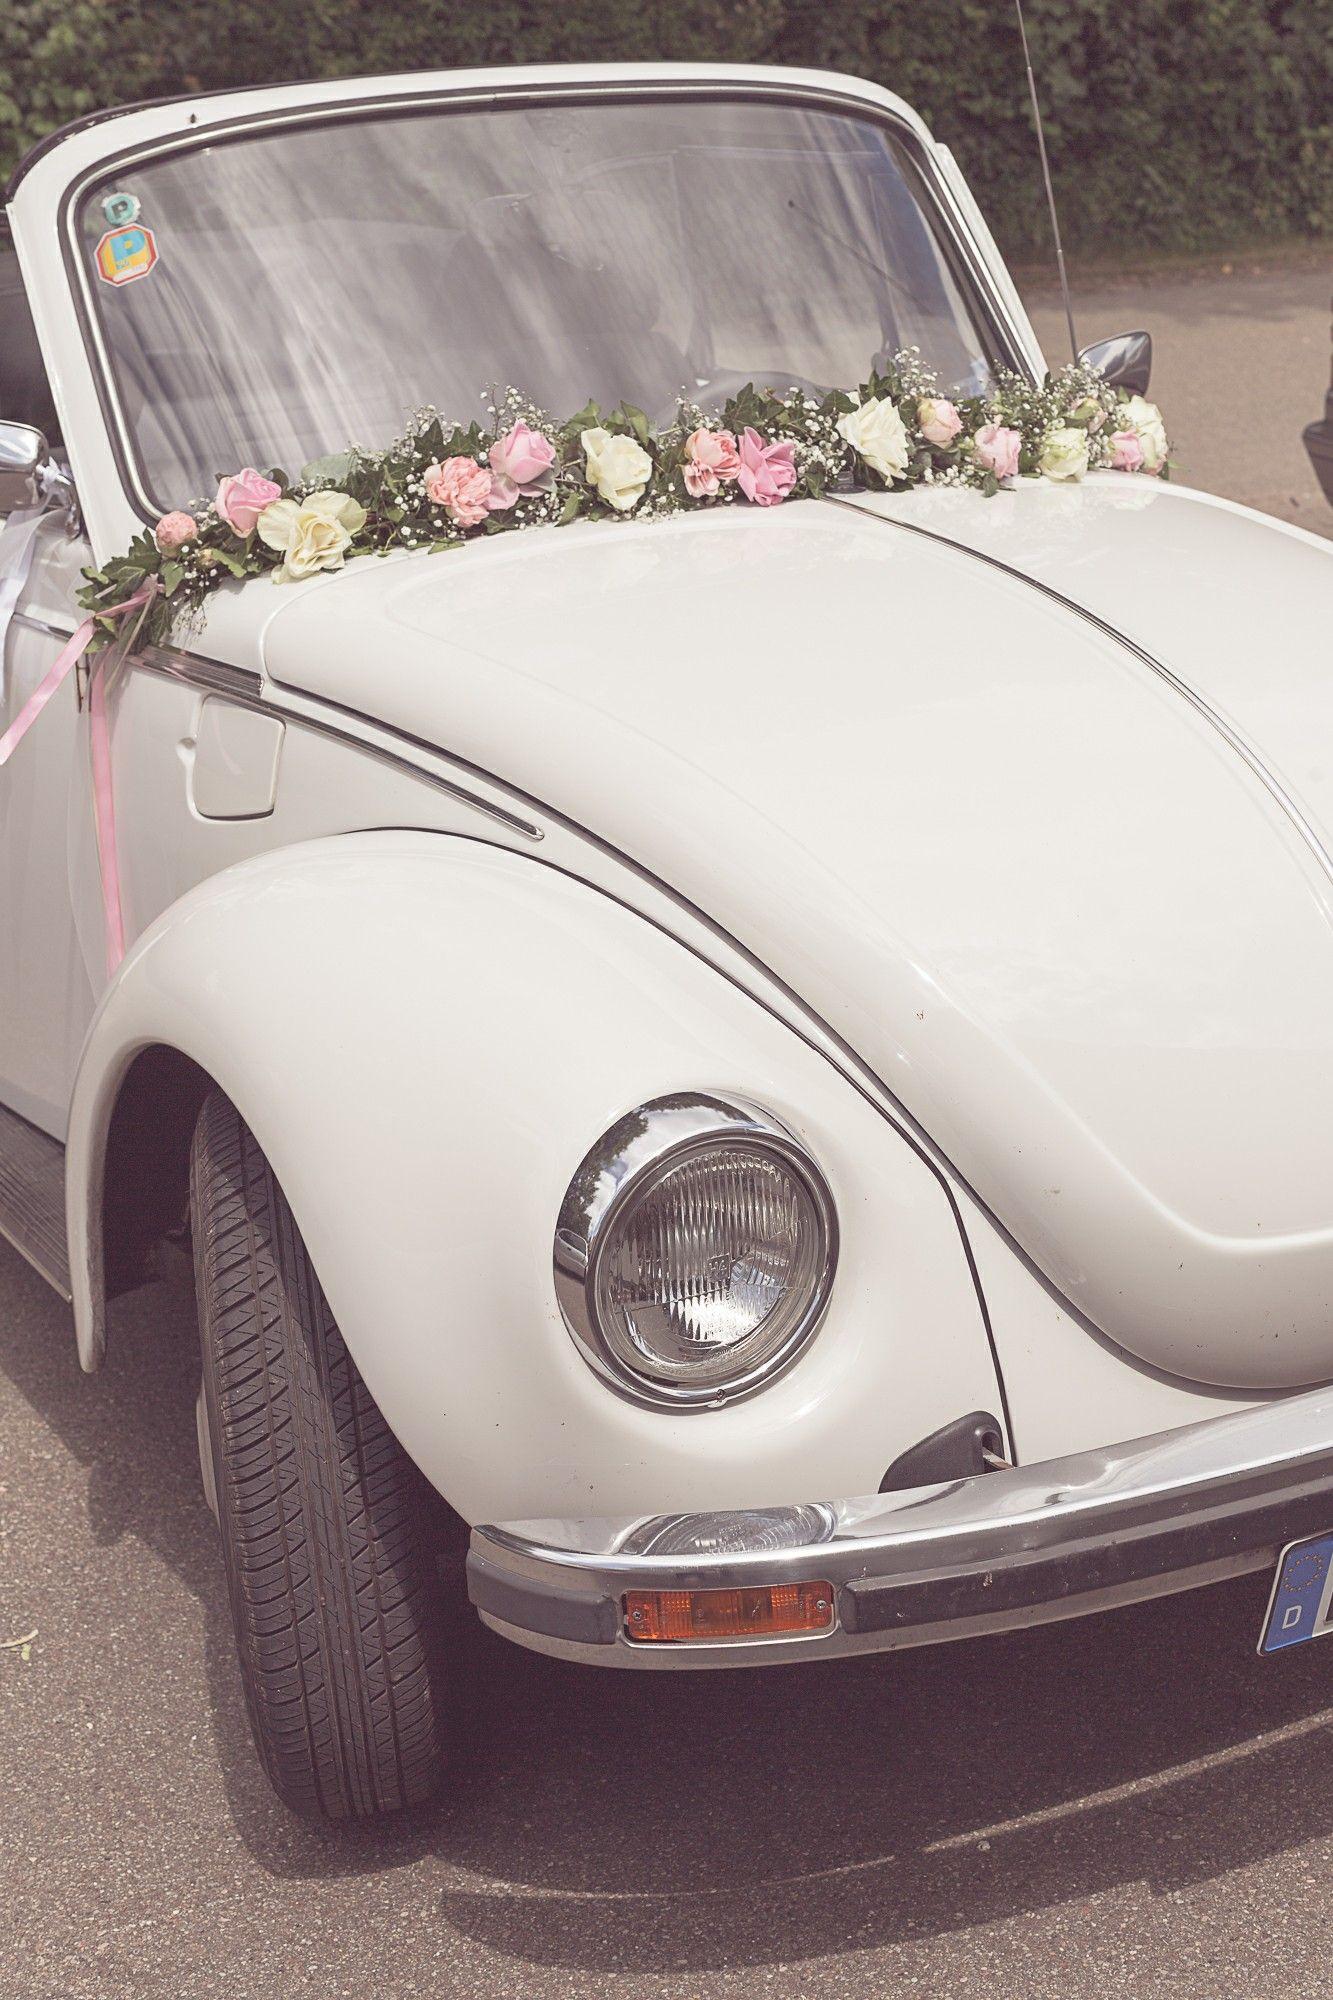 Wedding Vw Kafer Flowers Hochzeitsauto Withe Car Oldtimer Hochzeit Auto Hochzeitsauto Autoschmuck Hochzeit